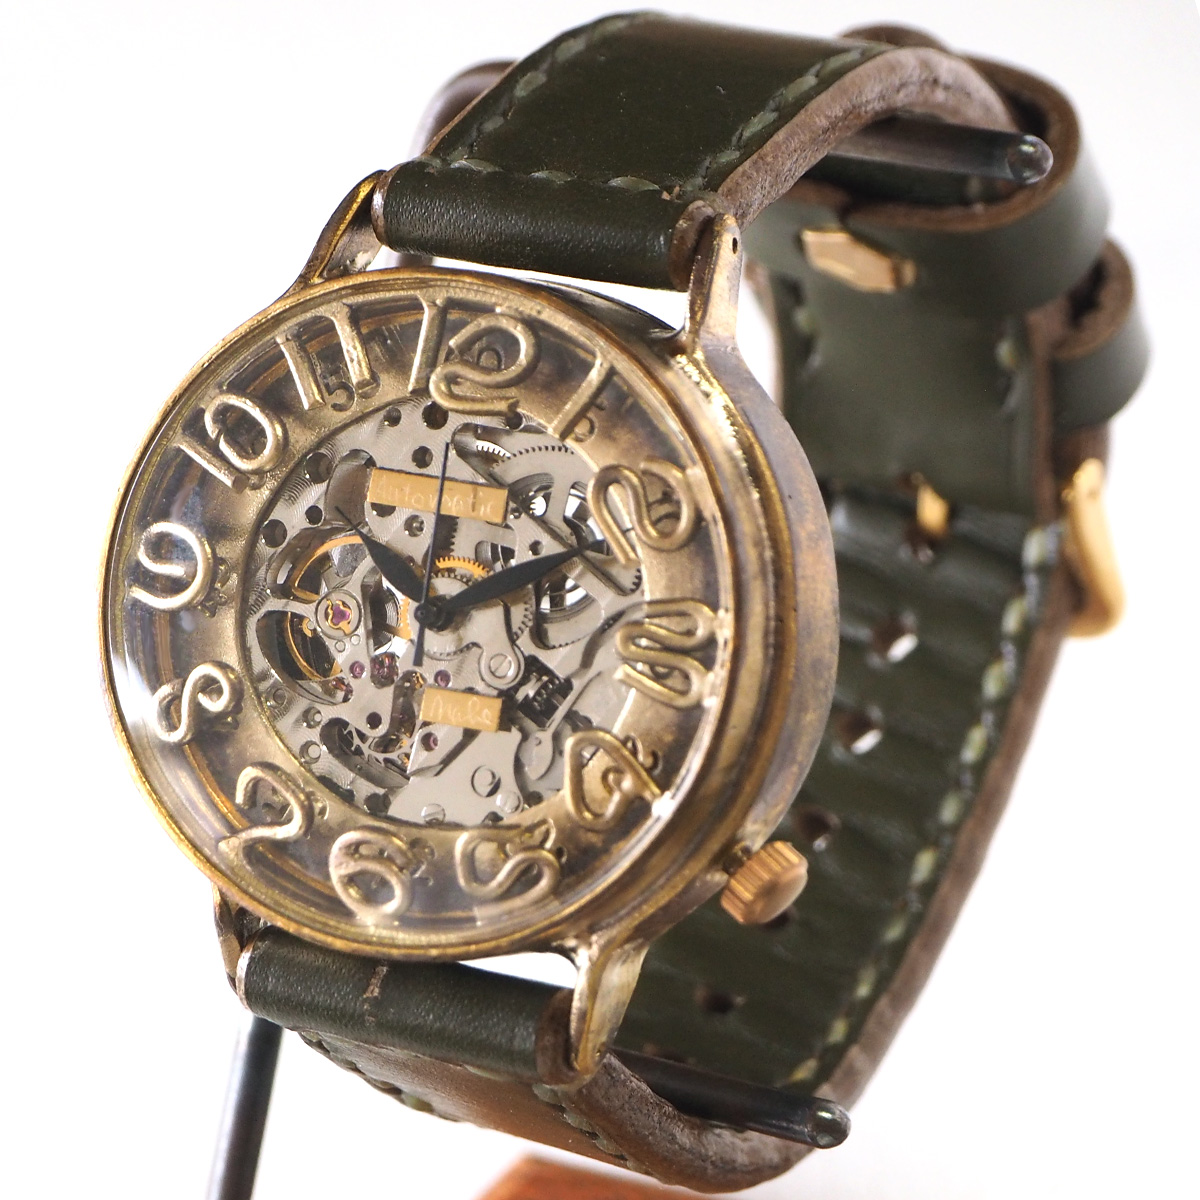 渡辺工房 手作り腕時計 自動巻 裏スケルトン ジャンボブラス 42mm 手縫いベルト [NW-BAM040-S]